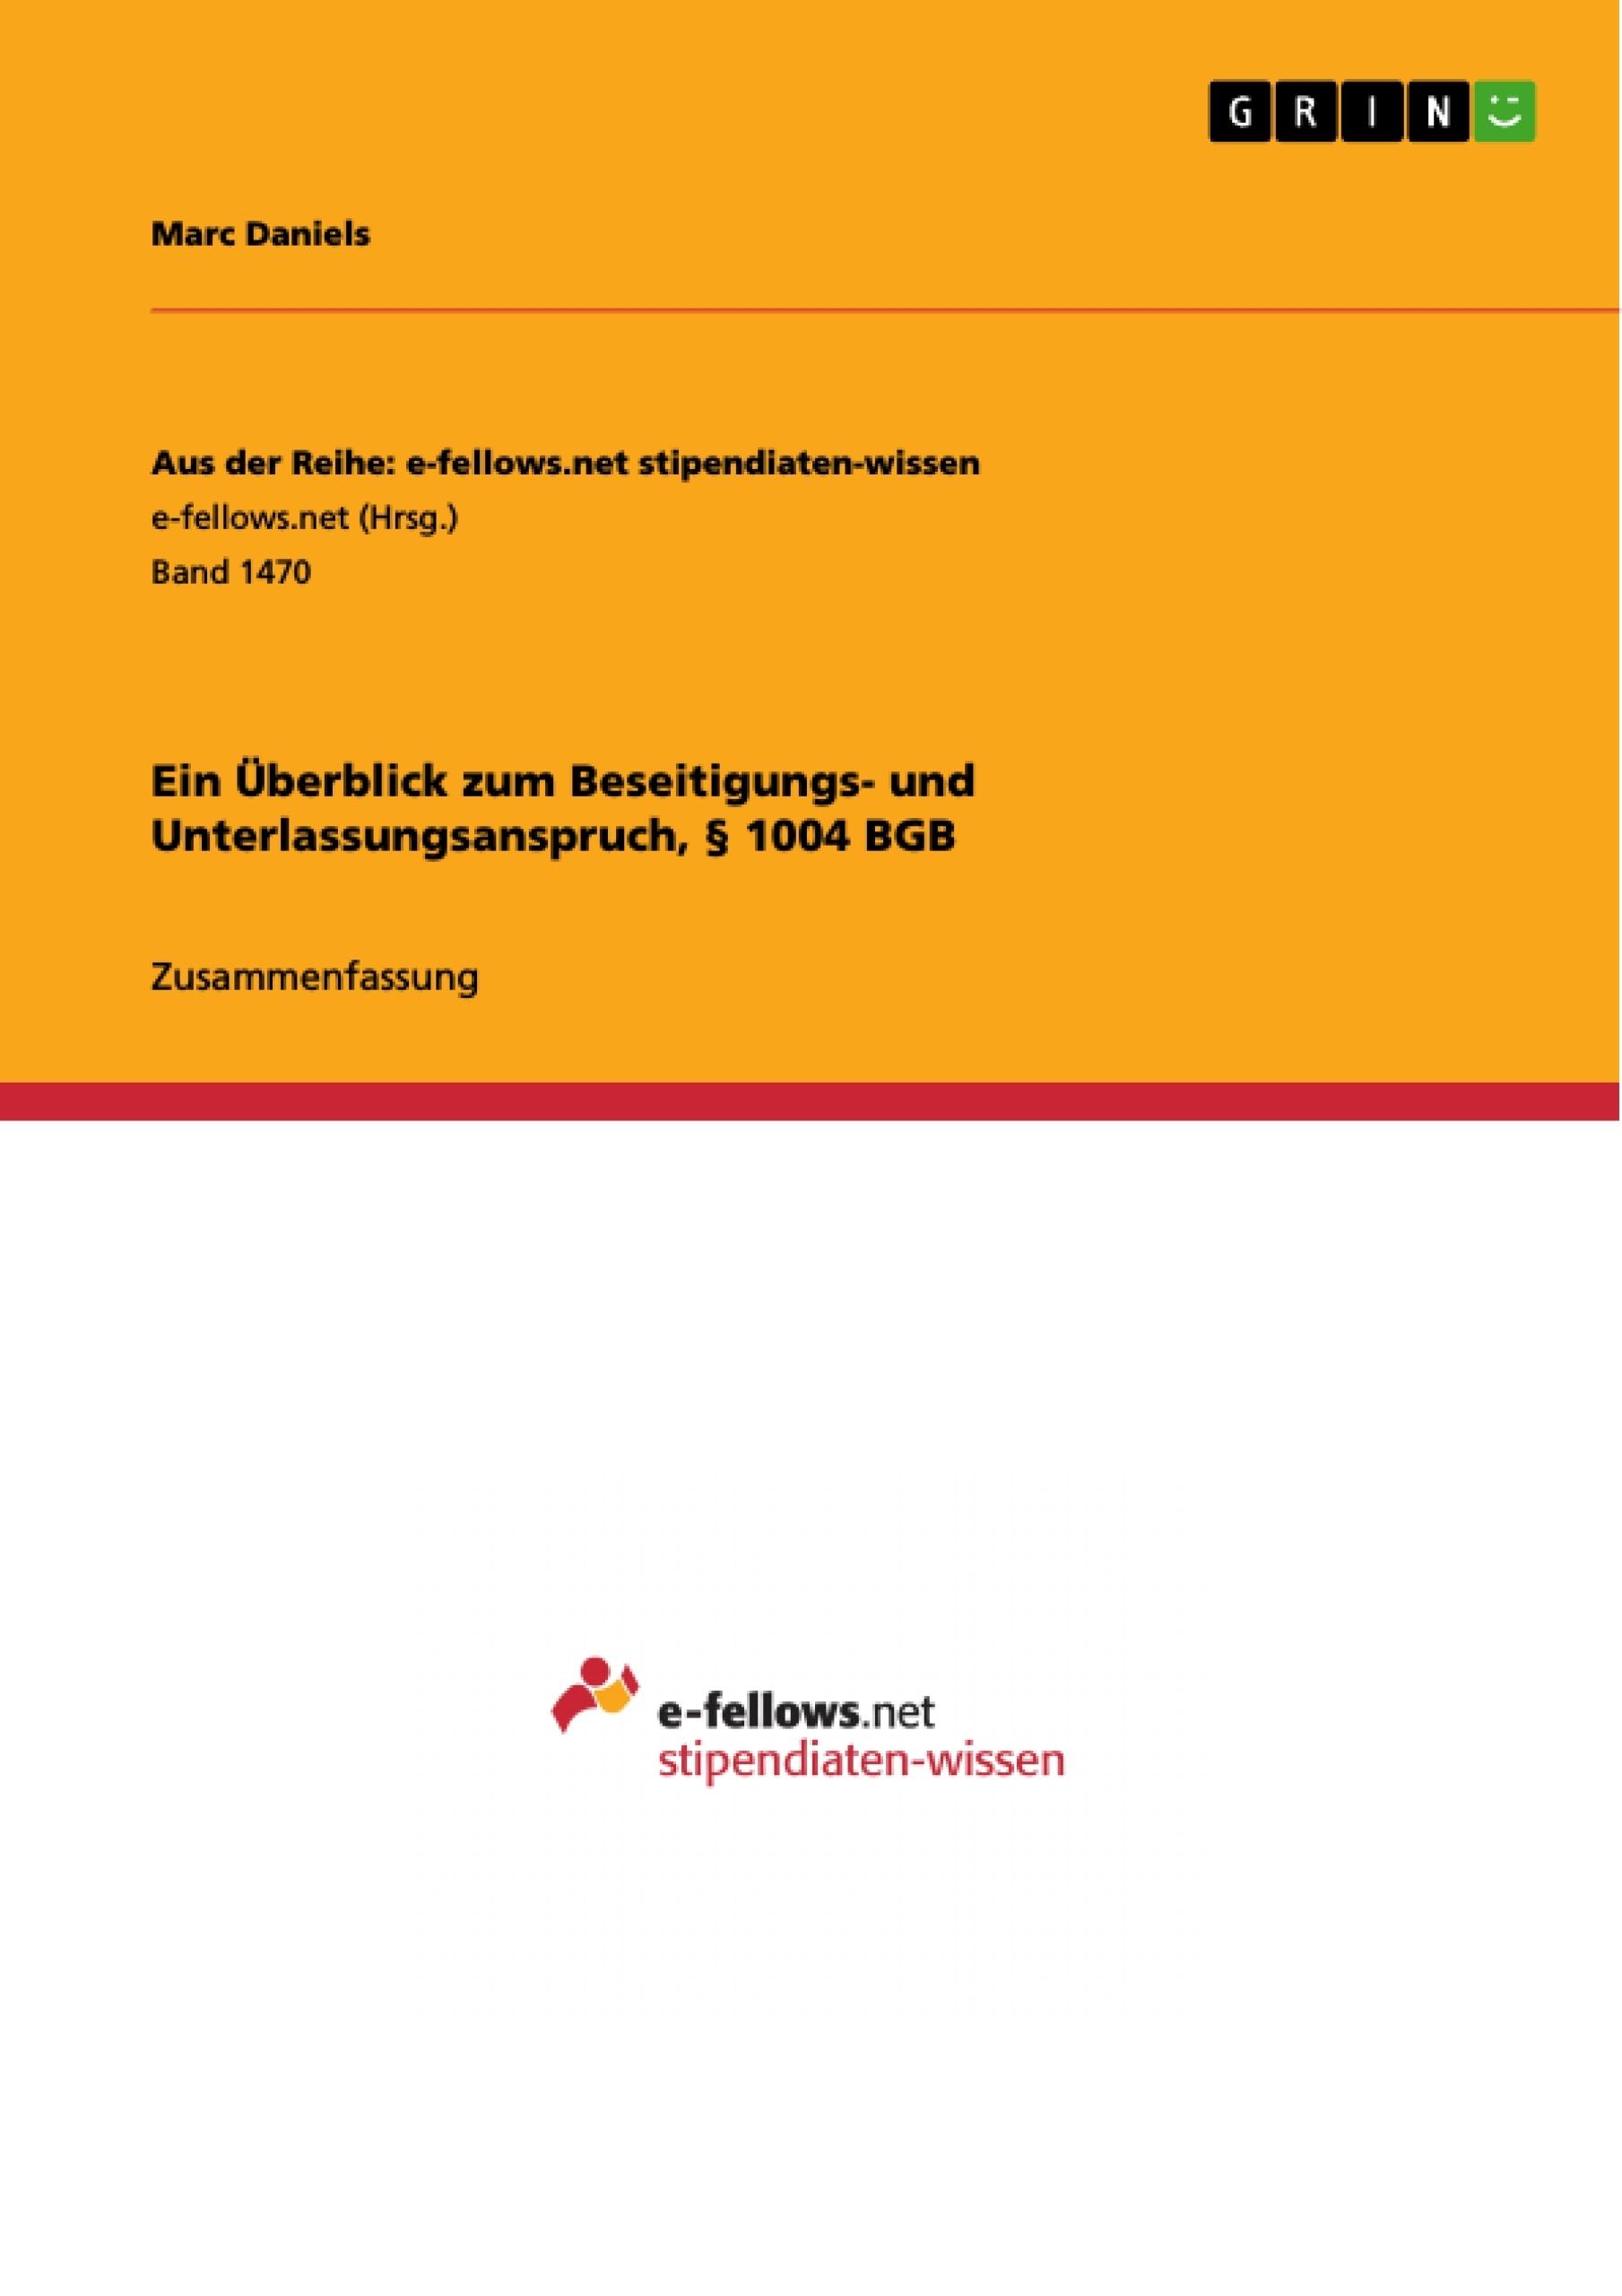 Titel: Ein Überblick zum Beseitigungs- und Unterlassungsanspruch, § 1004 BGB